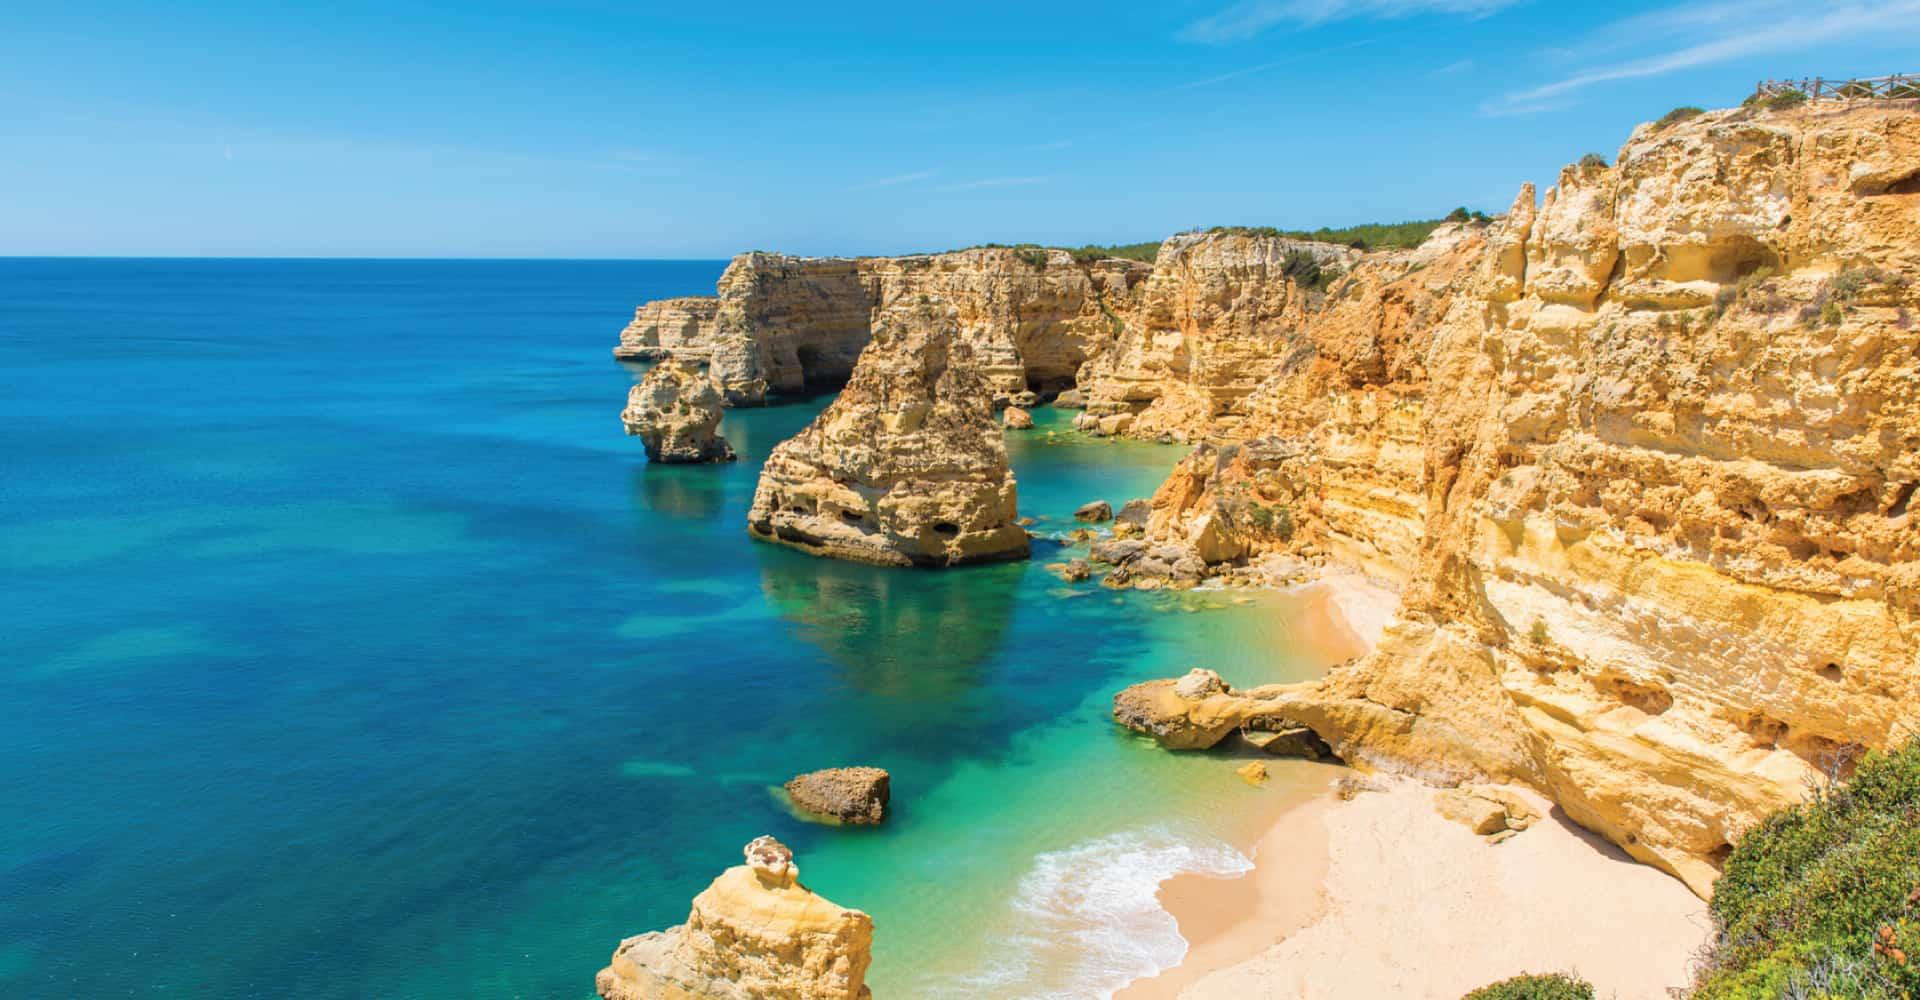 Hotels in Algarve | Tivoli Hotels & Resorts in Algarve Portugal